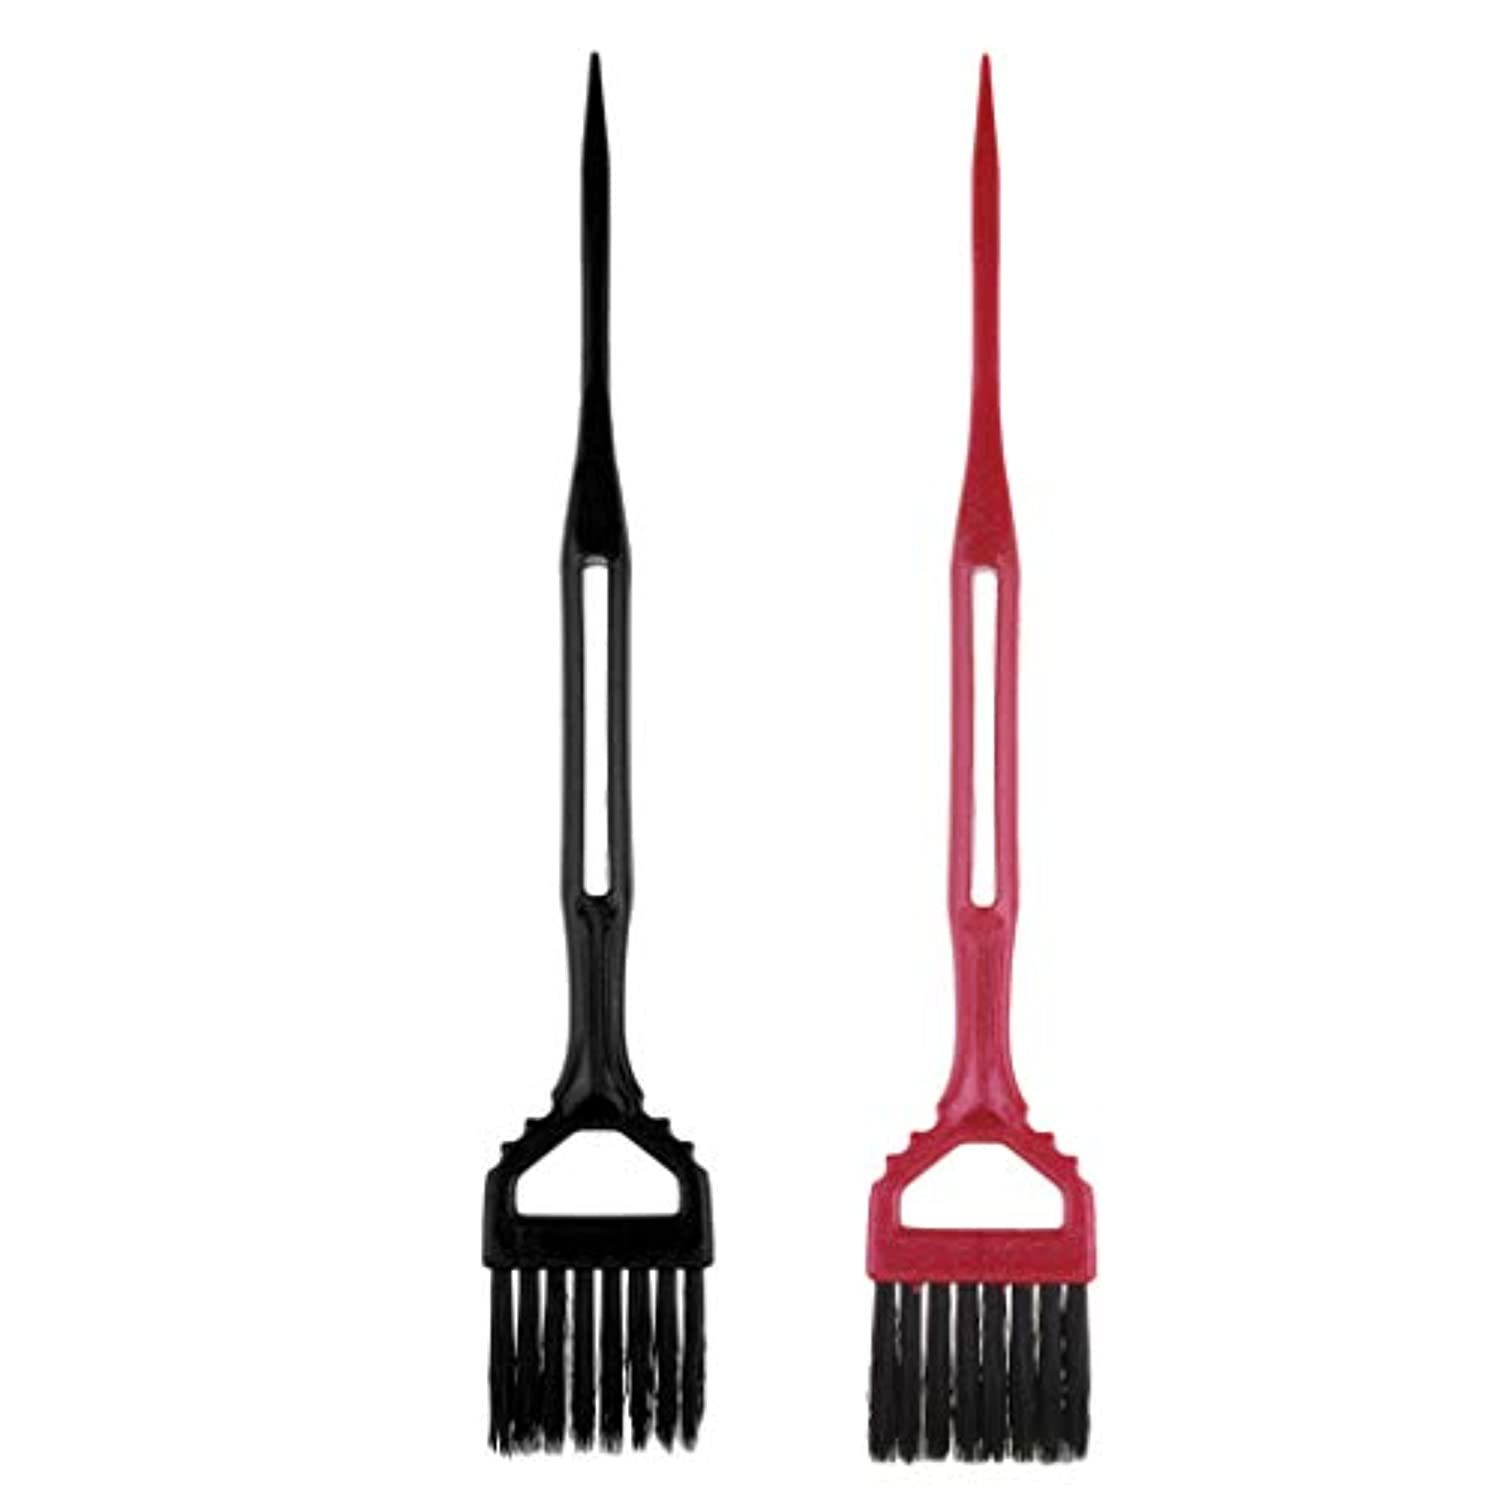 回想ヘクタール反対にToygogo 2サロン理髪髪染め櫛分布ブラシツールのセット髪型染め染め櫛ツール